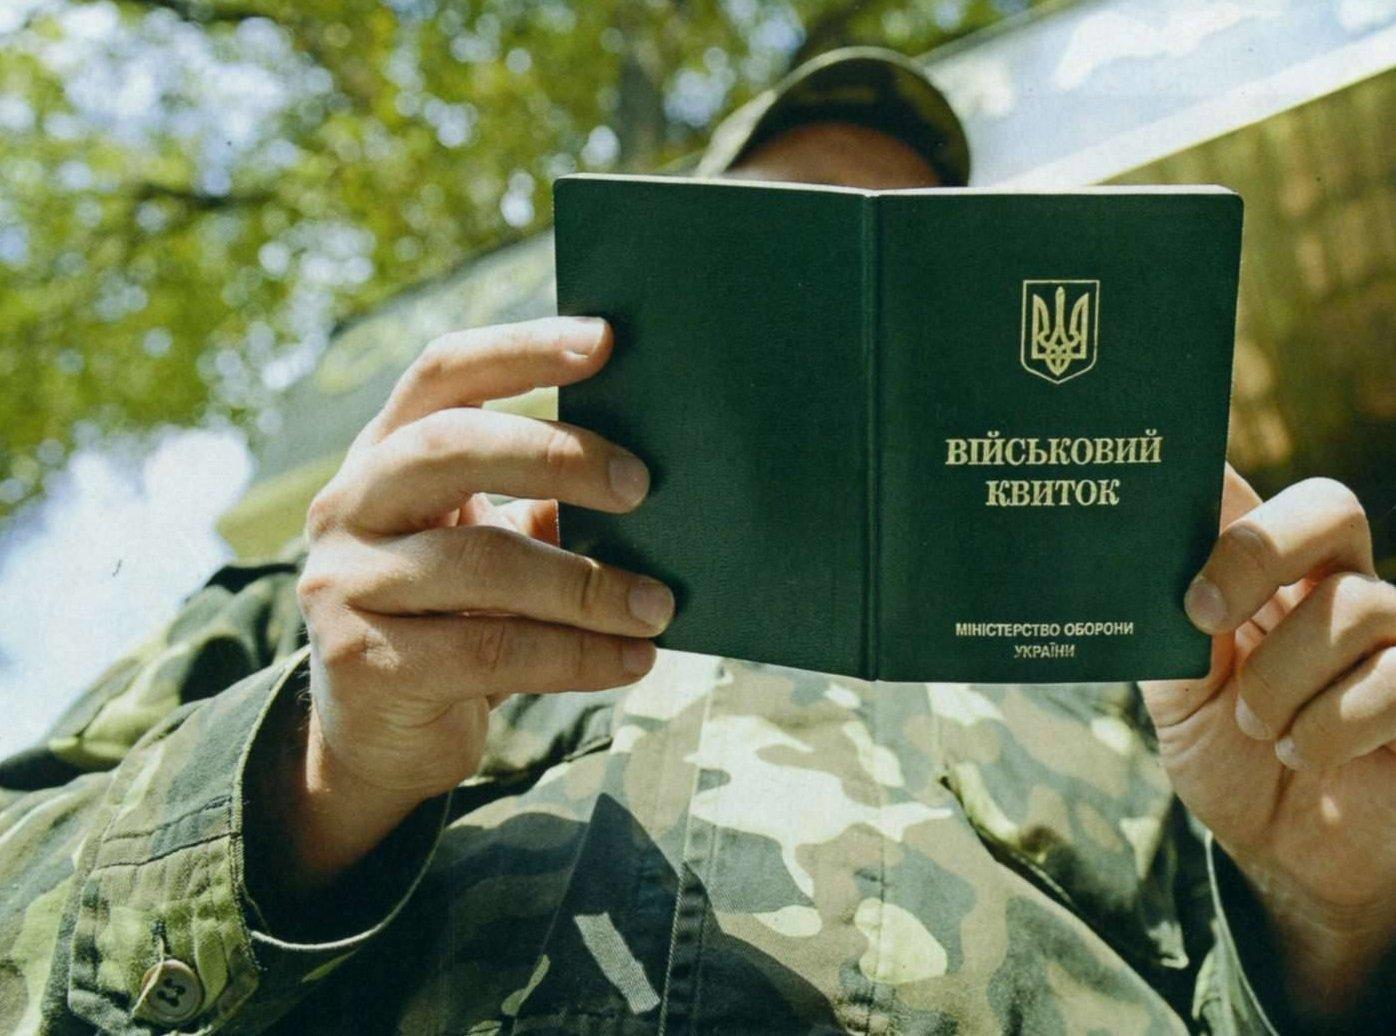 Как встать на воинский учет в Киеве: адреса военкоматов и документы, Фото: 20 хвилин